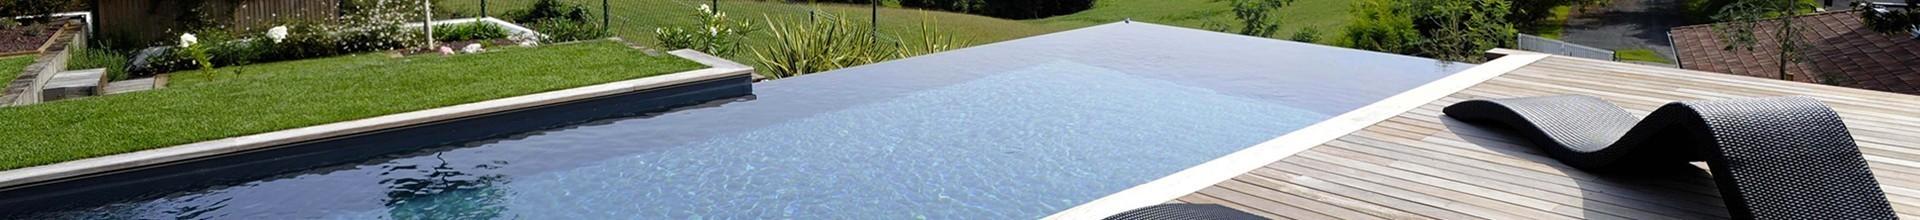 Constructeur piscine discount Auvergne Rhône Alpes